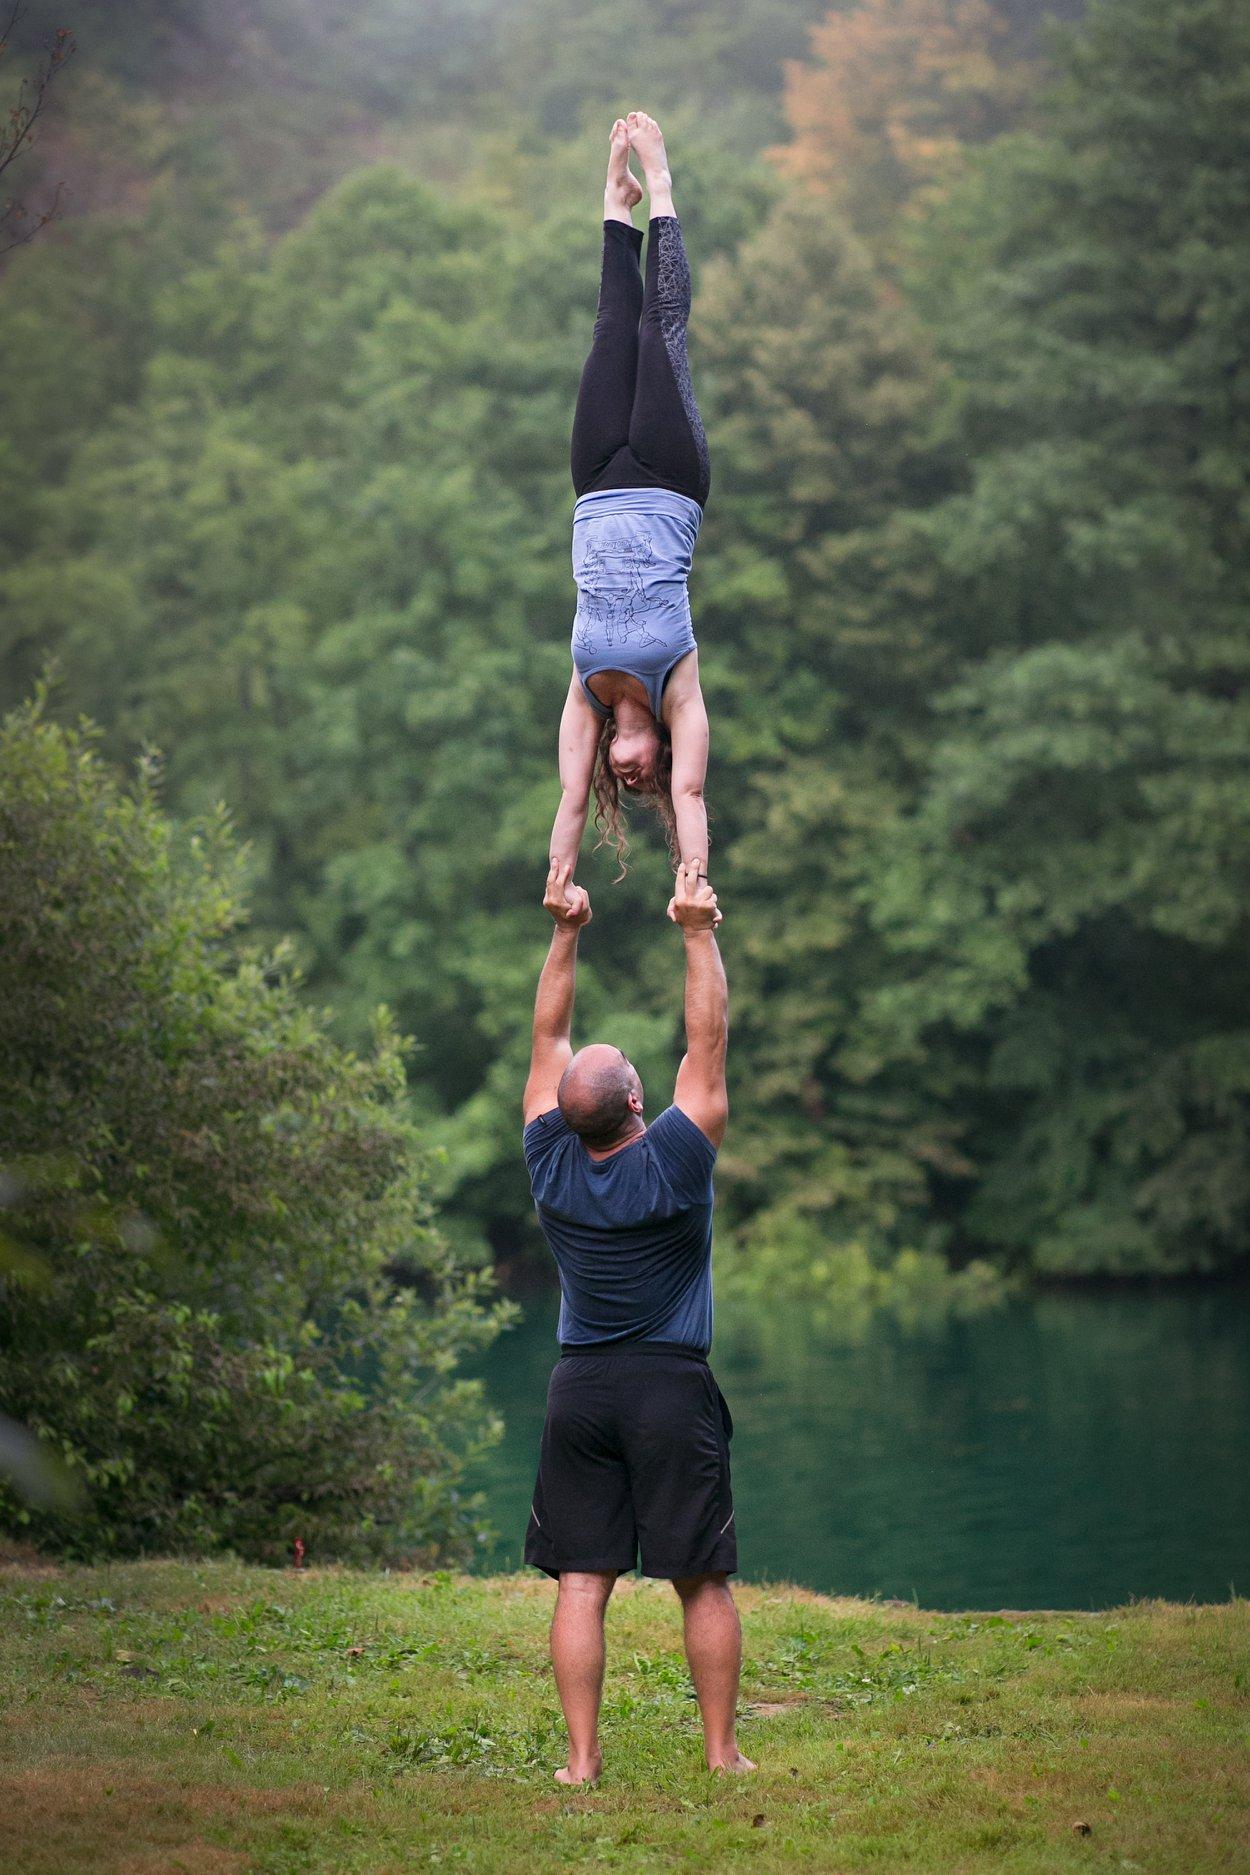 Universal Acrobatics